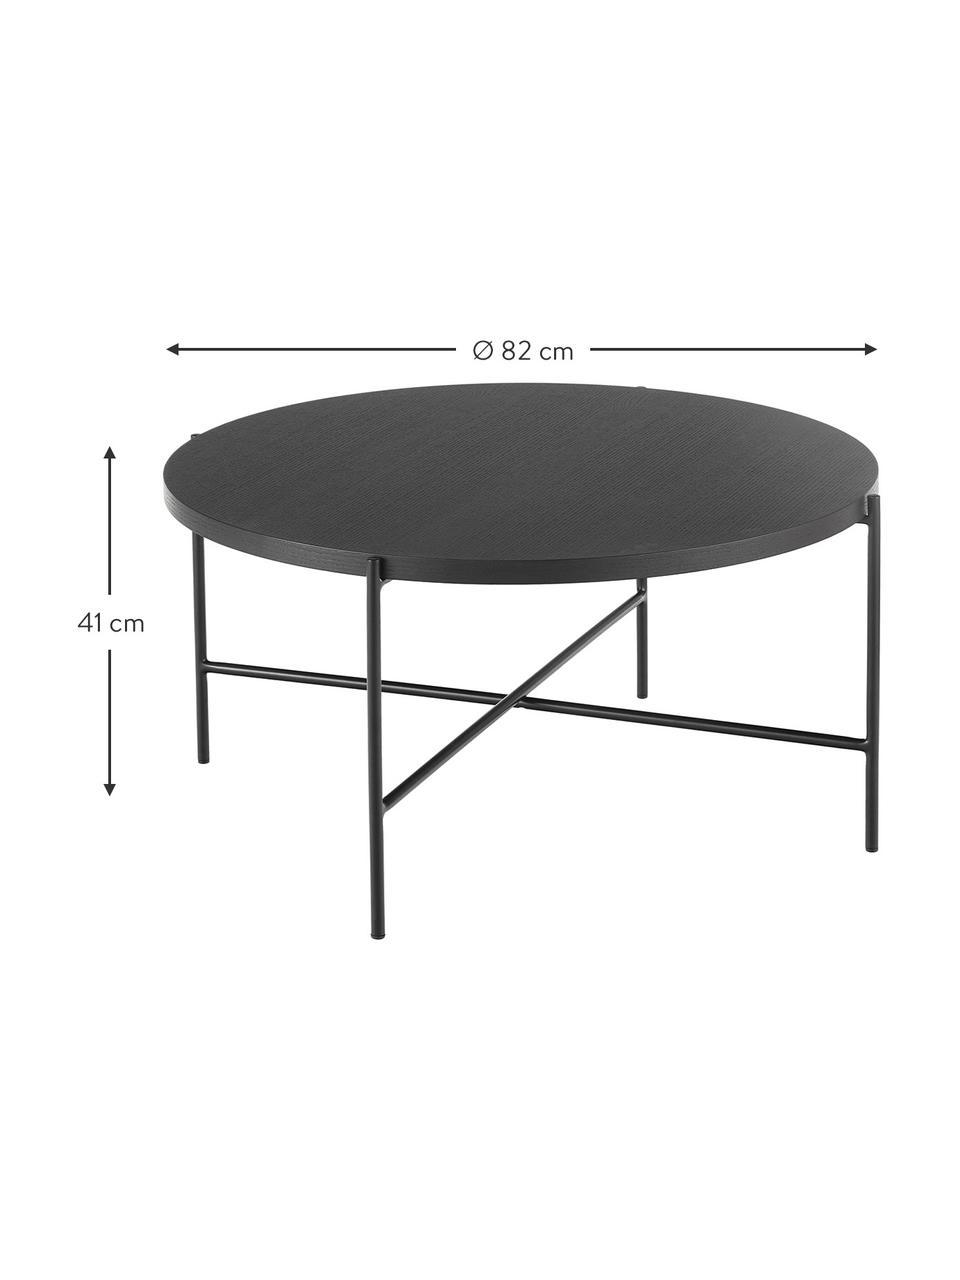 Zwarte salontafel Mica met houten tafelblad, Tafelblad: MDF met eikenhoutfineer, Frame: gepoedercoat metaal, Tafelblad: zwart gelakt eikenhoutfineer. Poten: mat zwart, Ø 82 x H 41 cm